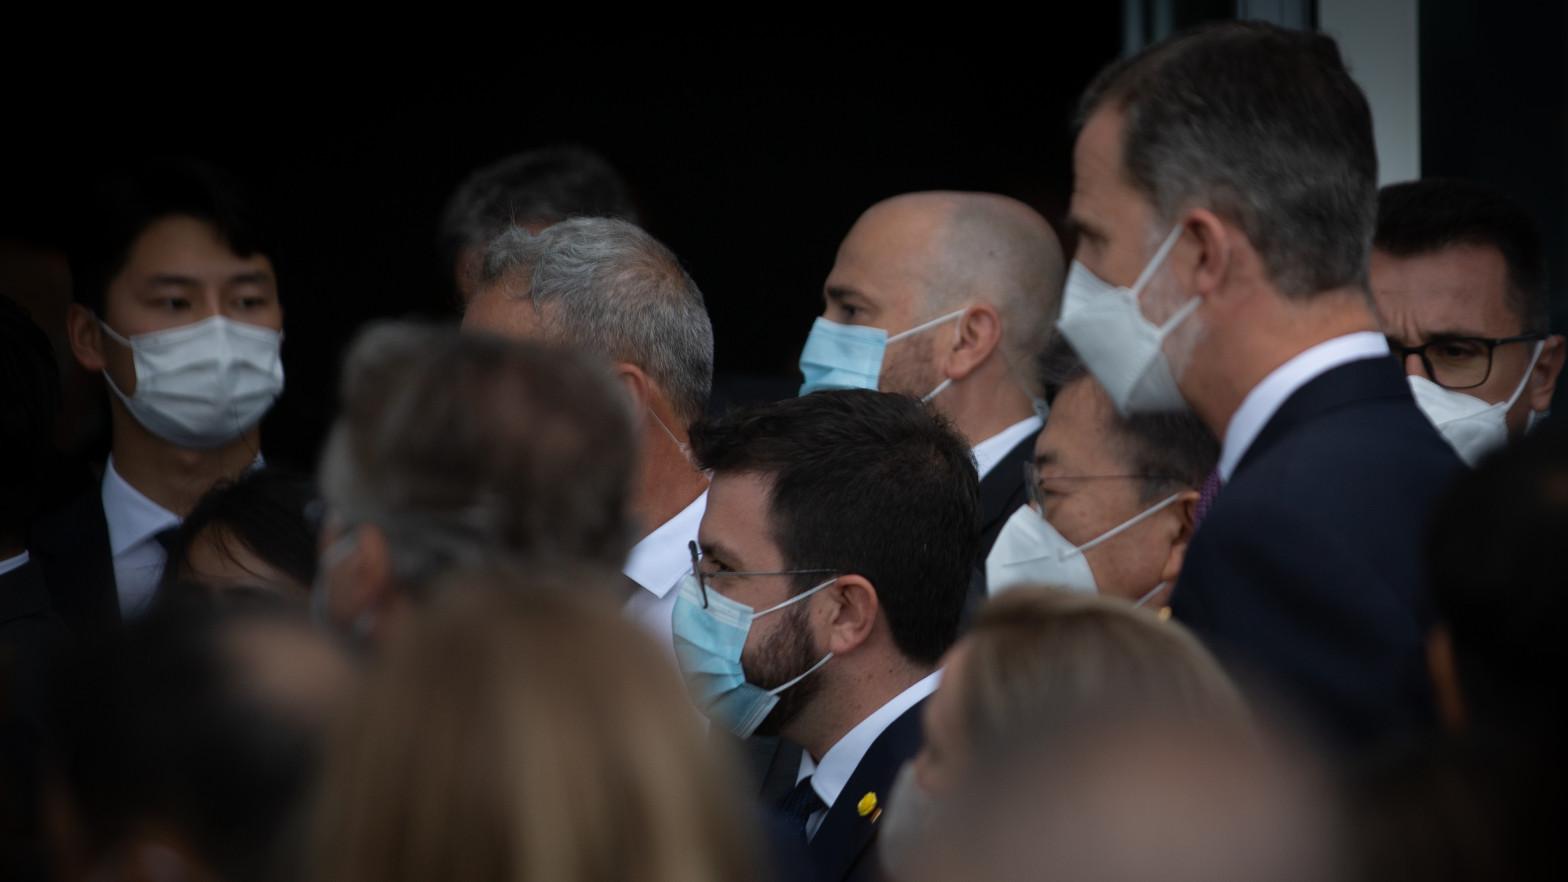 Aragonès acudirá el domingo a la cena inaugural del Mobile World Congress que preside el Rey